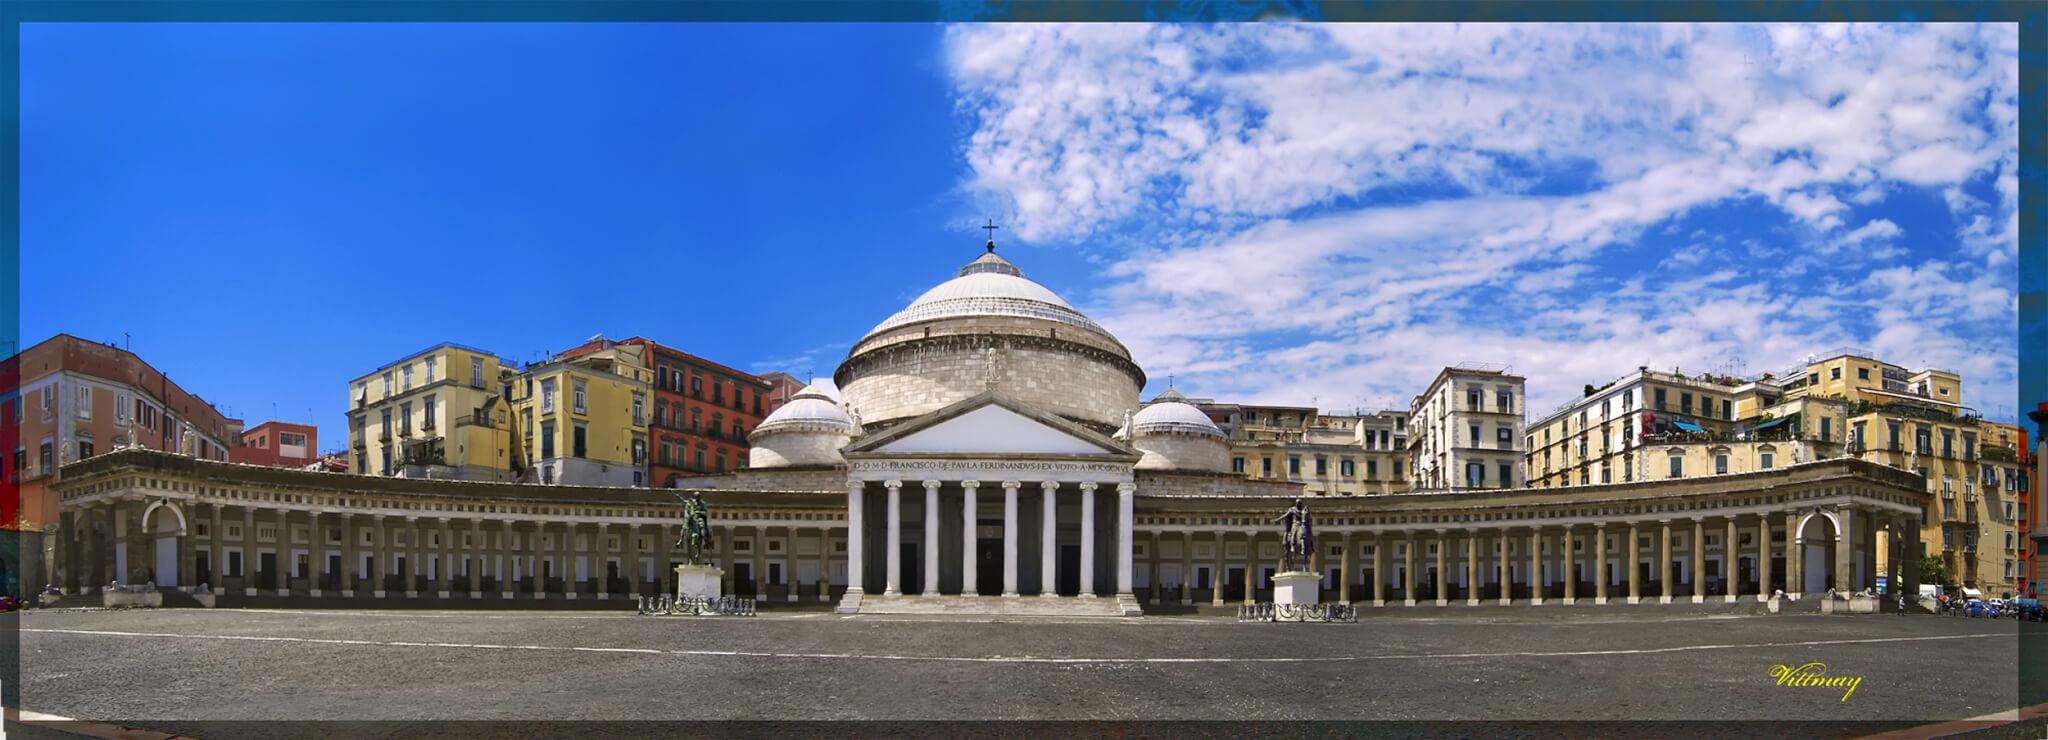 Naples, Plebiscito square